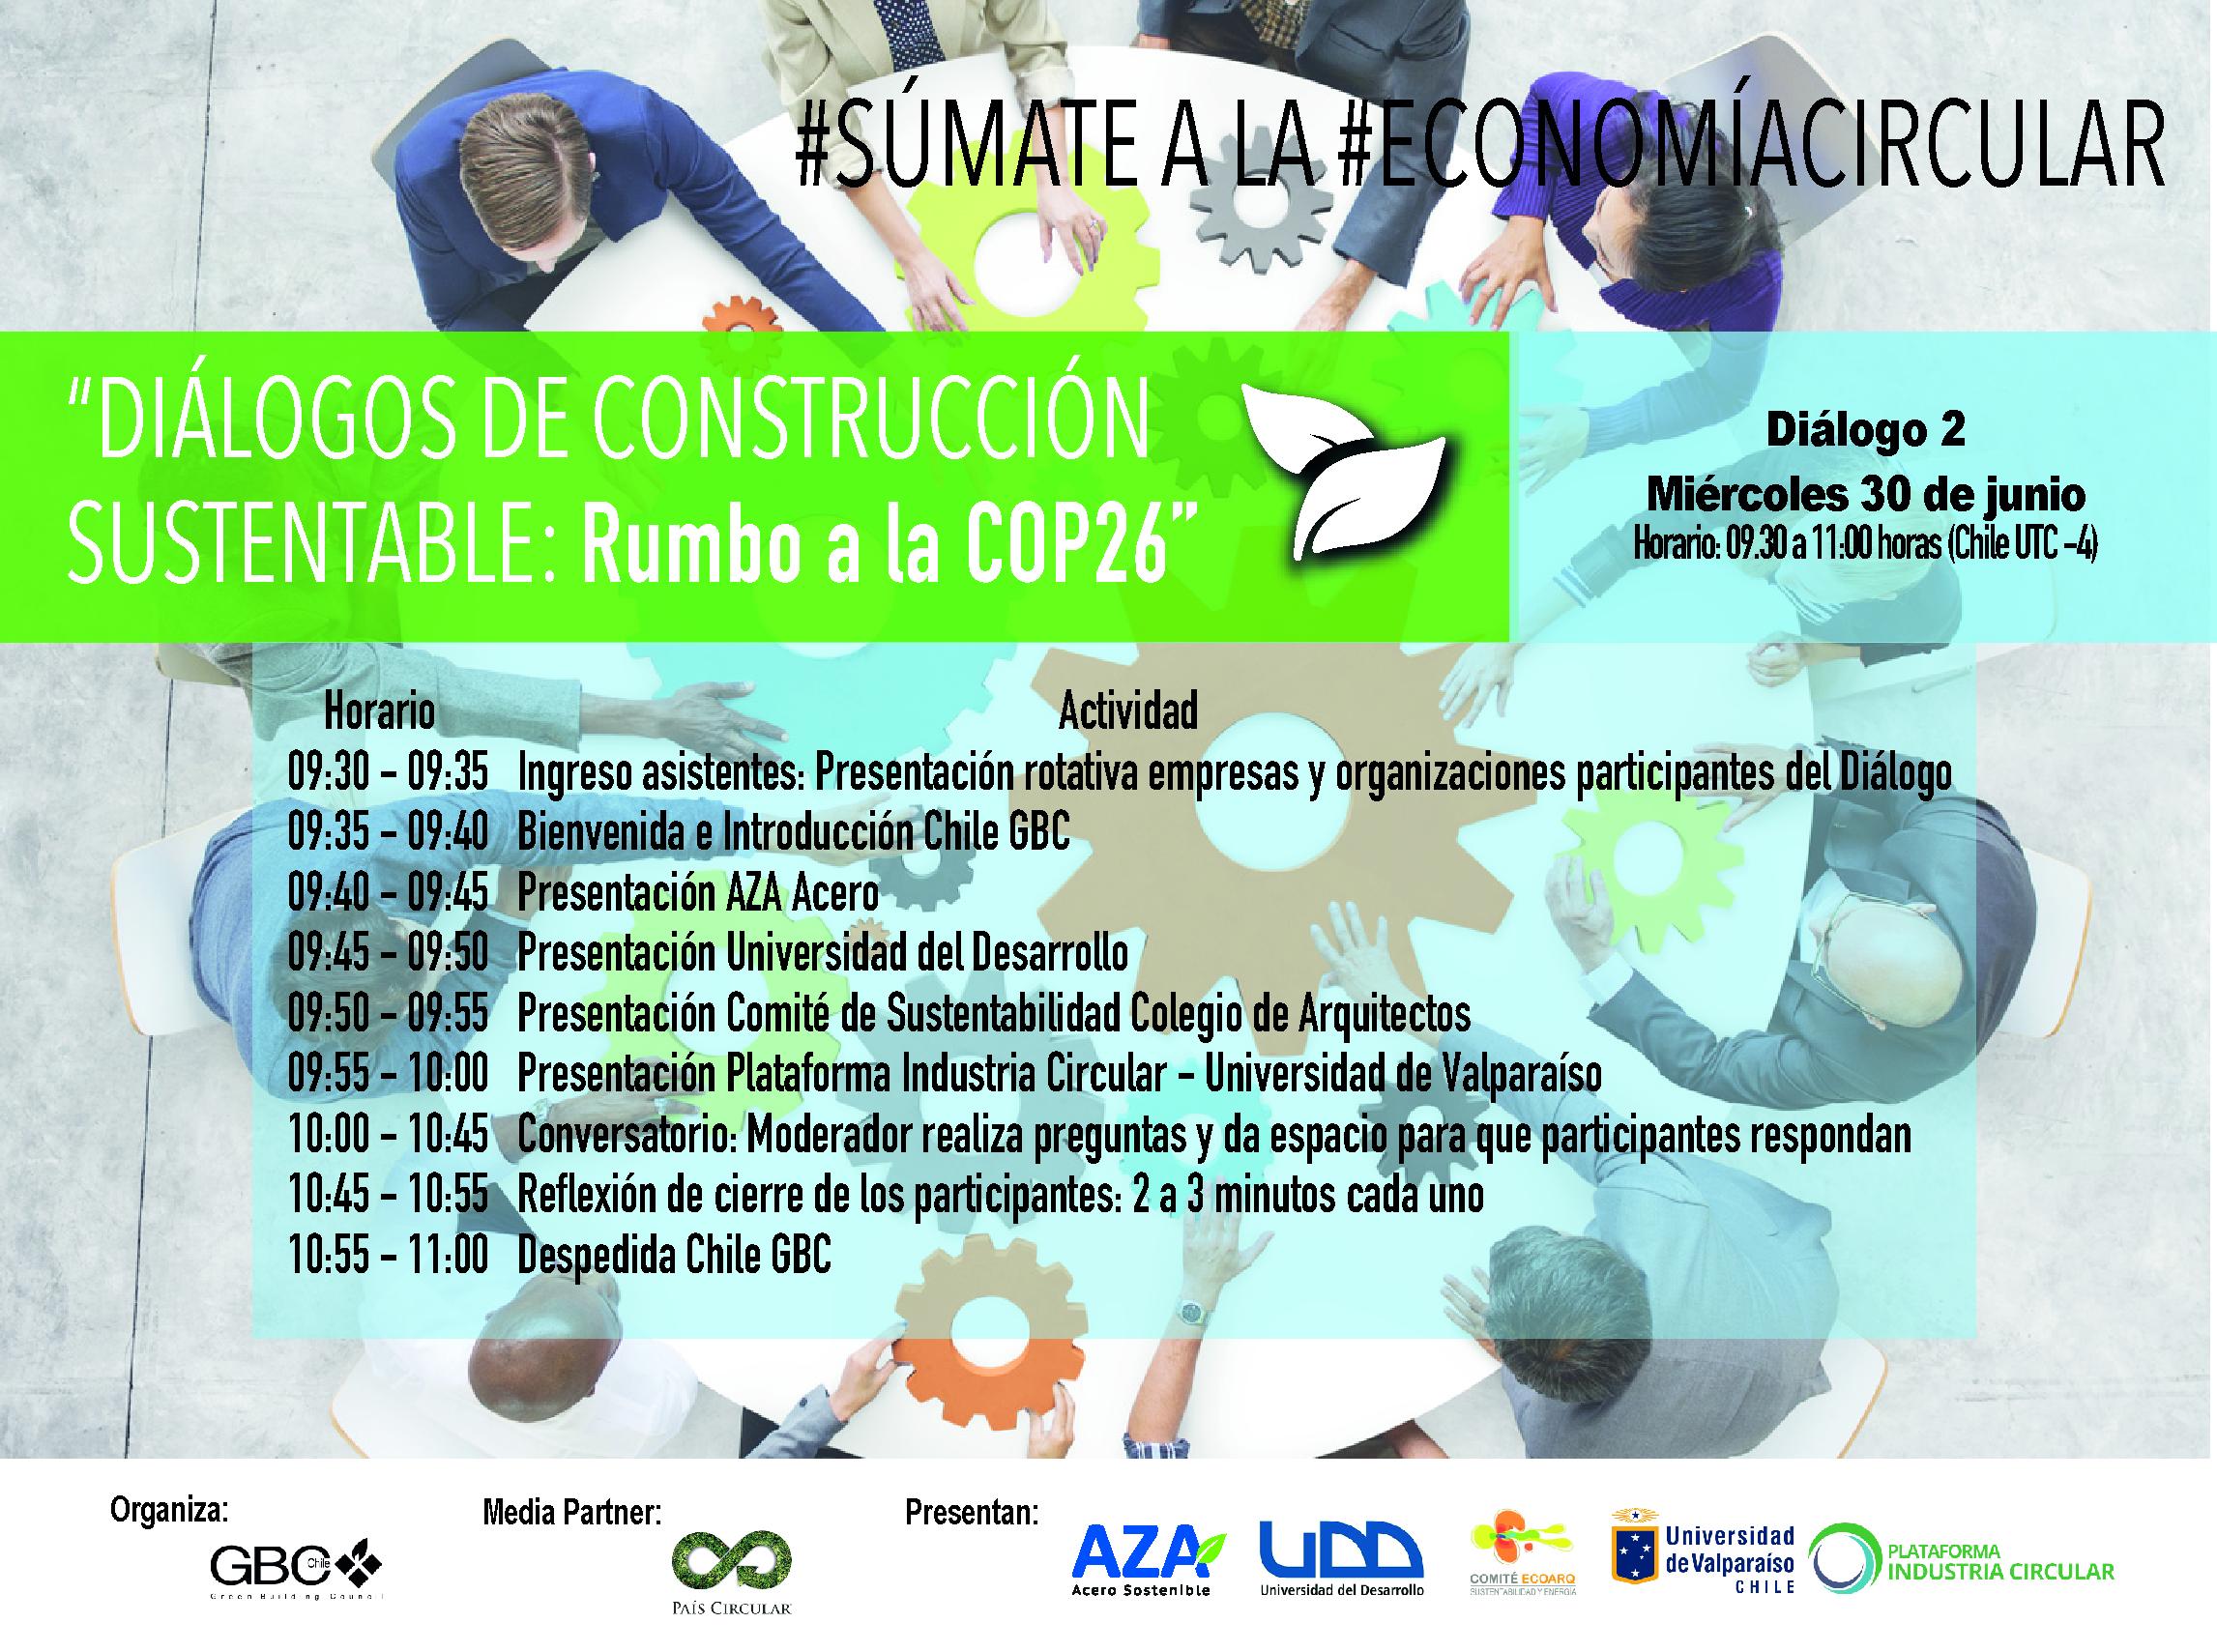 Diálogos construcción sustentable: Rumbo a la COP 26